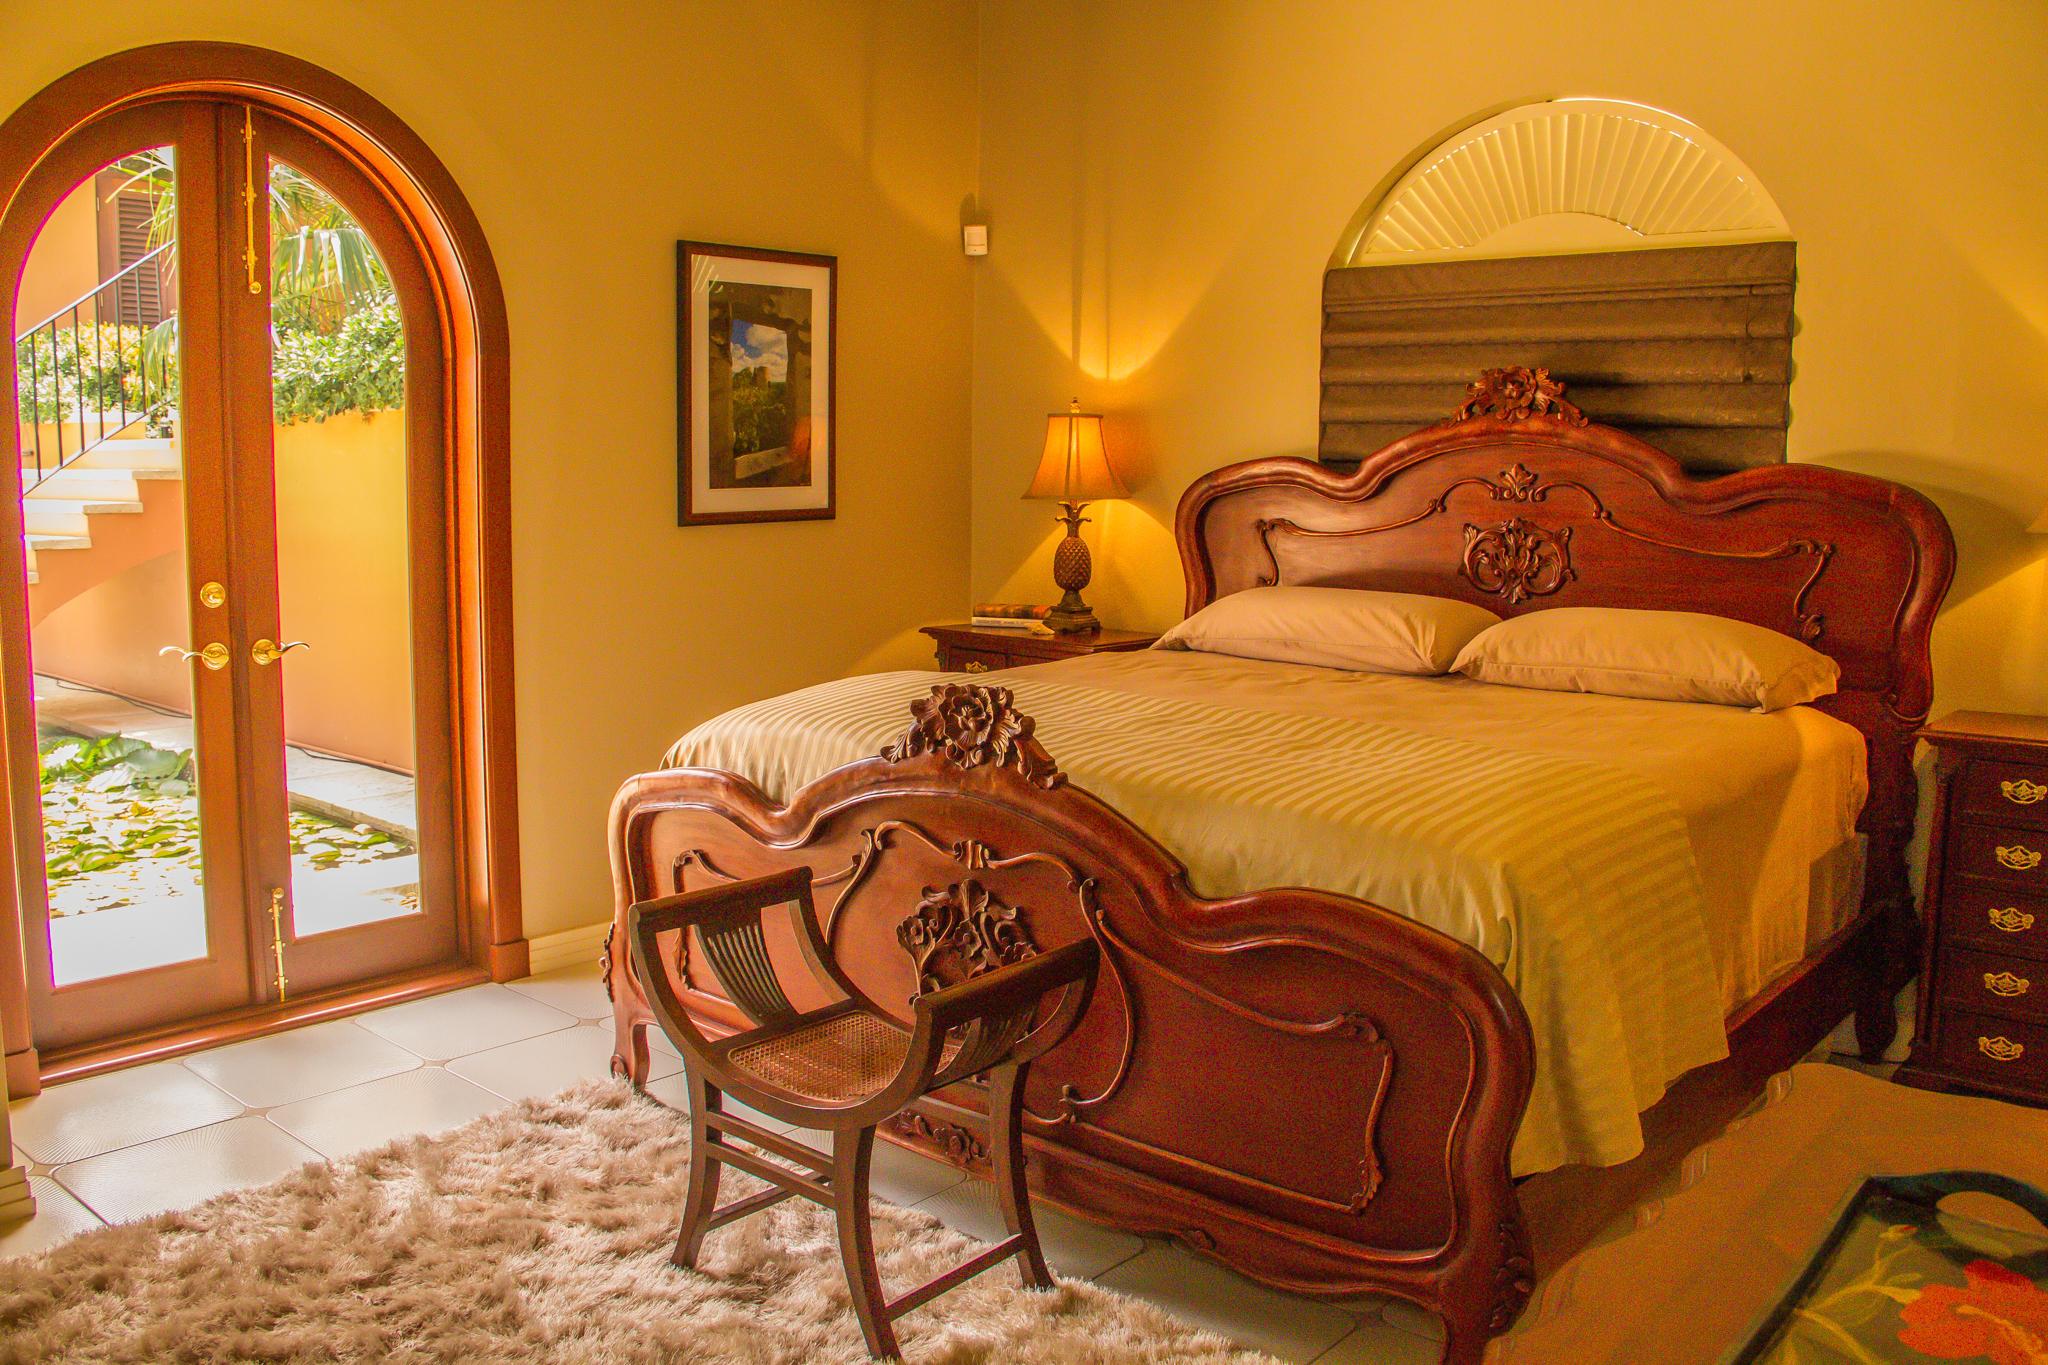 Guest Bedroom (2) - natural light